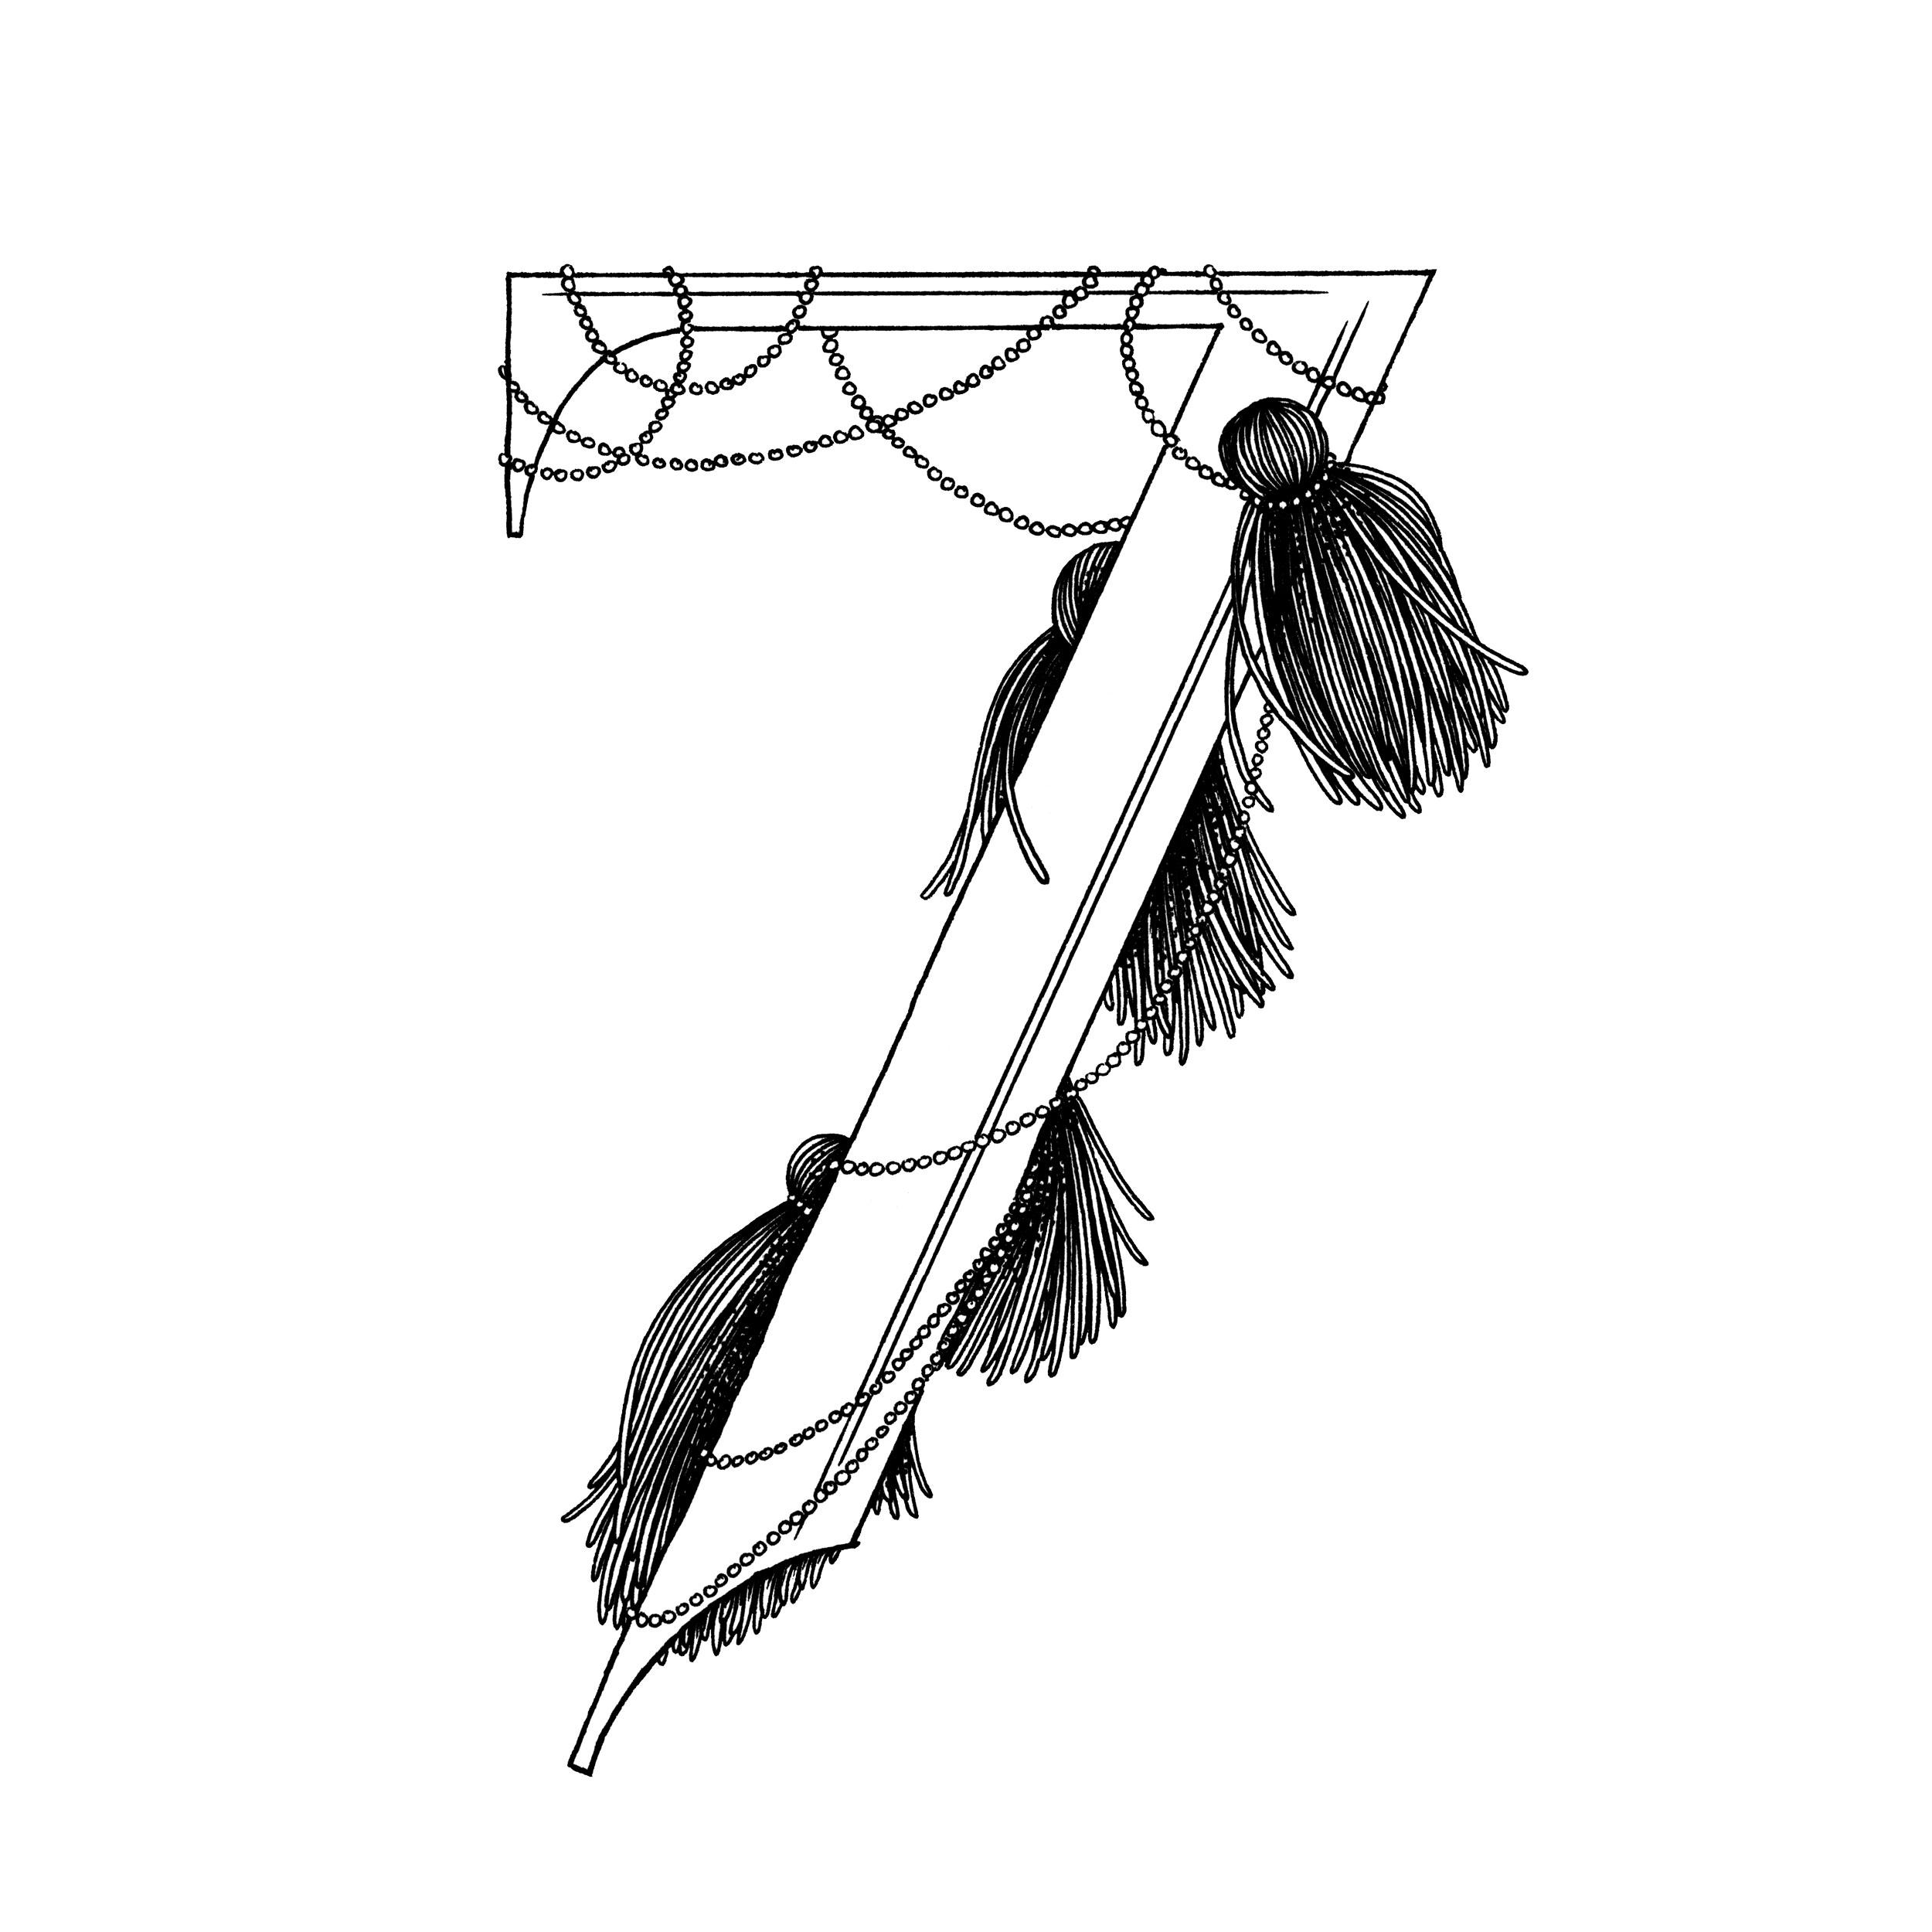 7_02-web.jpg